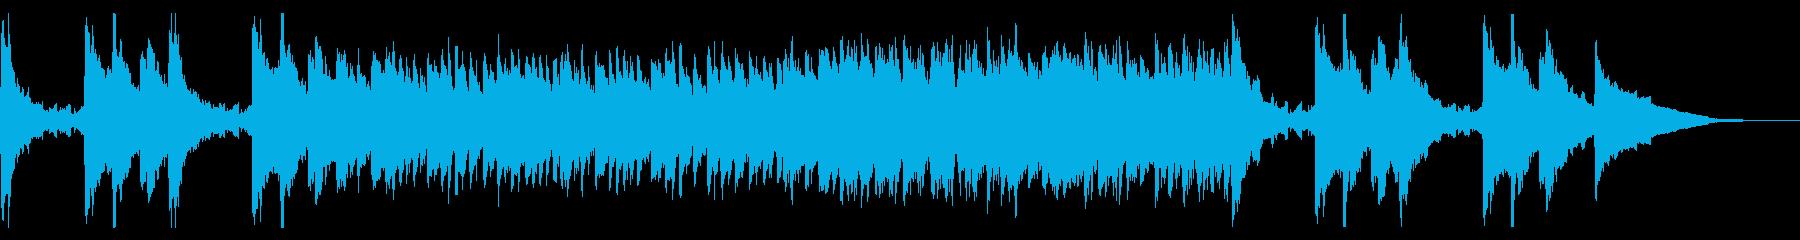 しっとり切ないピアノ旋律によるバラードの再生済みの波形